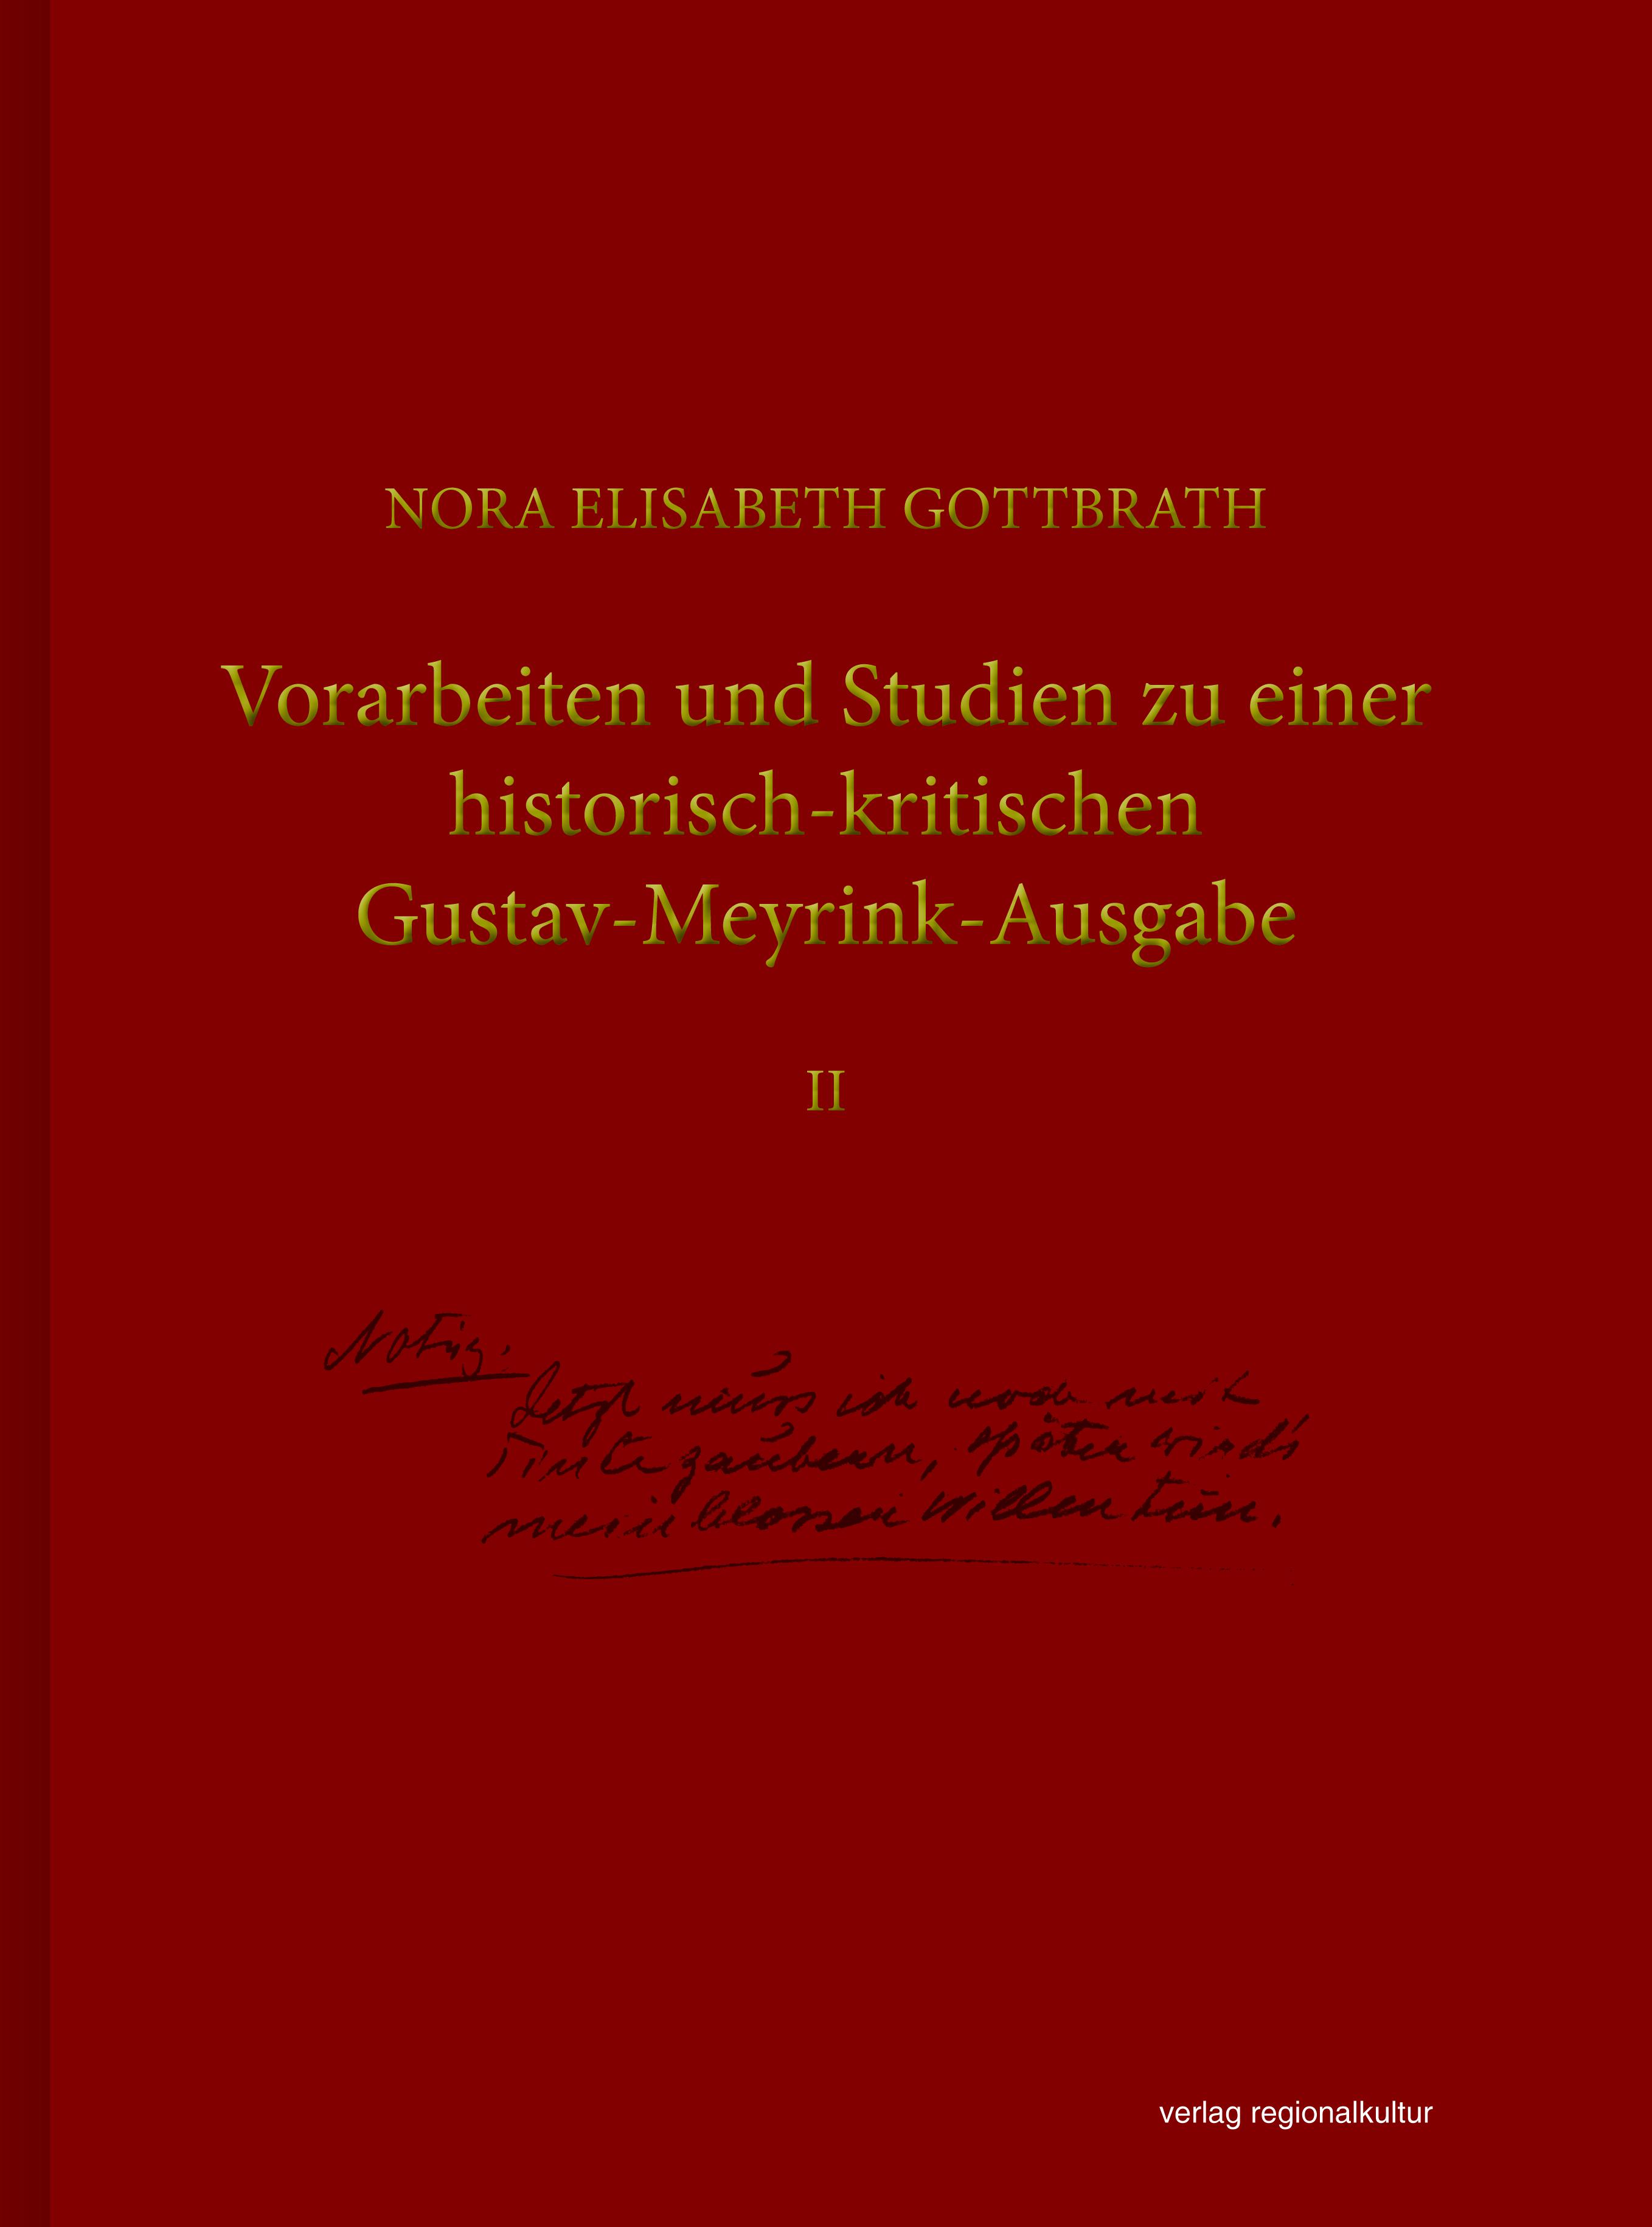 Vorarbeiten und Studien zu einer historisch-kritischen Gustav-Meyrink-Ausga ...